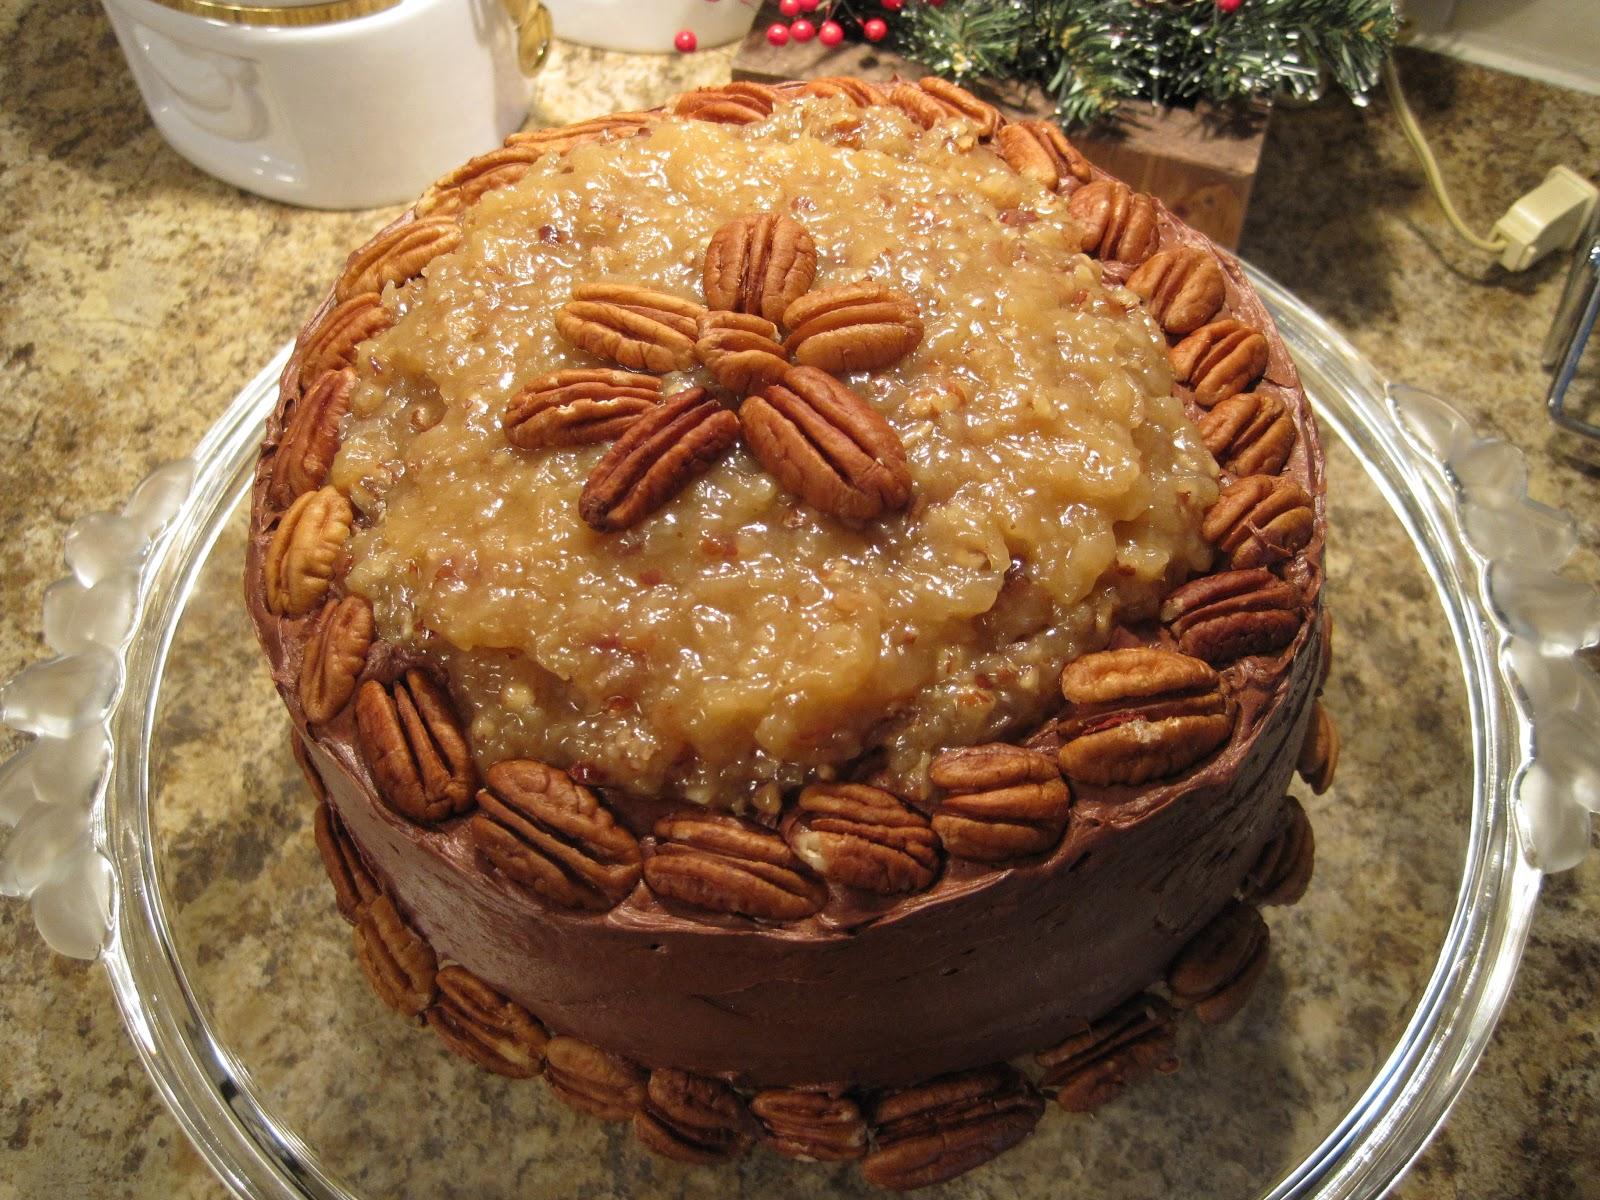 German Chocolate Cake Recipe Joy Of Baking: On Crooked Creek: German Chocolate Cake